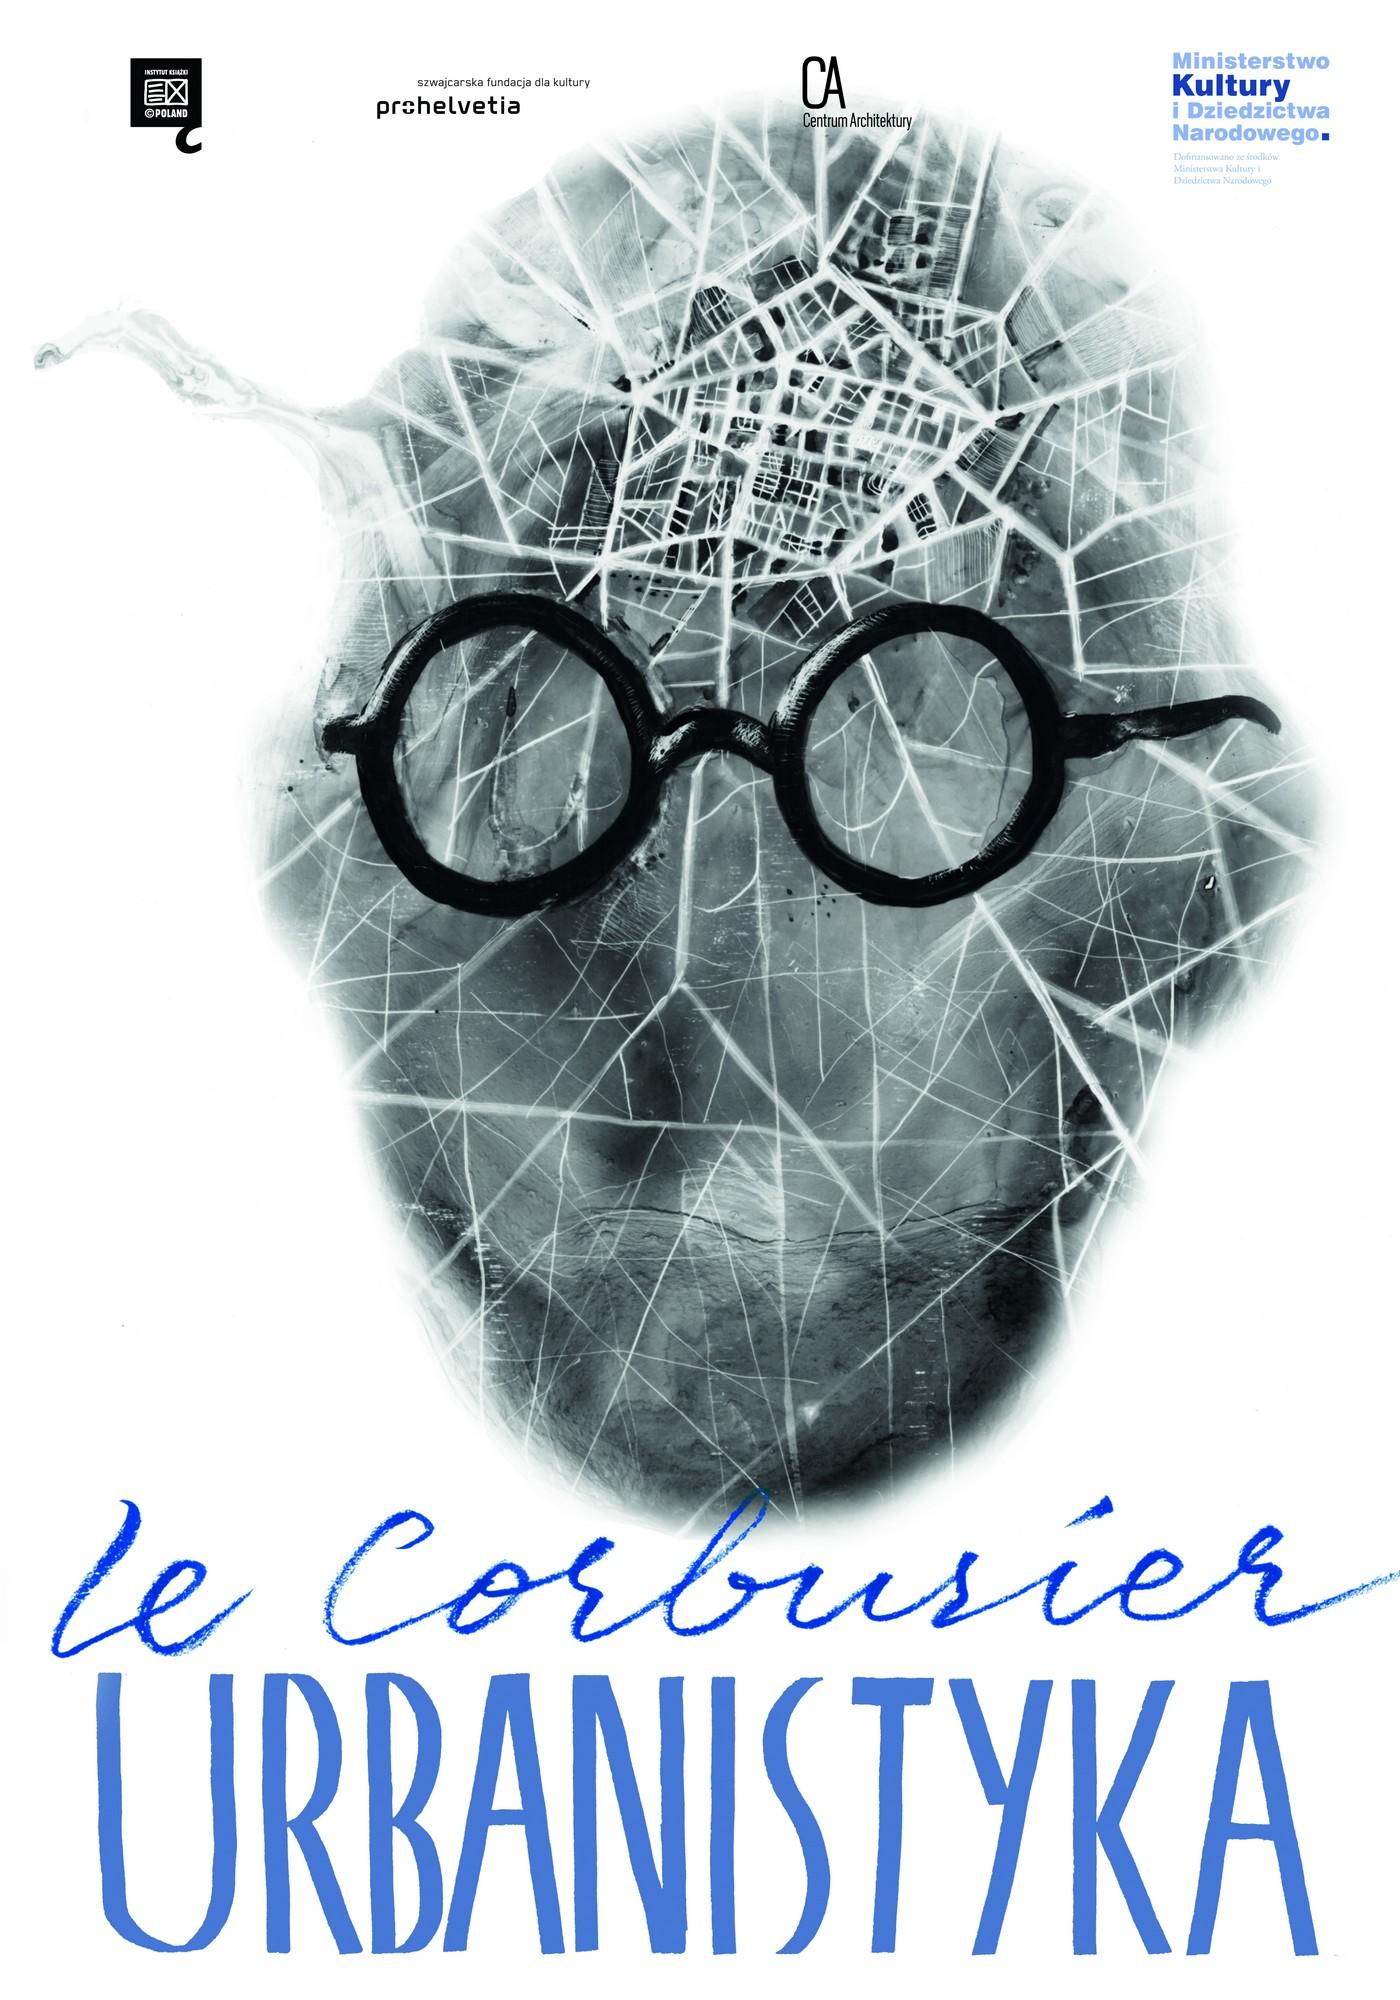 """Le Corbusier, """"Urbanistyka"""" – plakat, projekt: Grzegorz Jarzynowski (źródło: materiały prasowe)"""